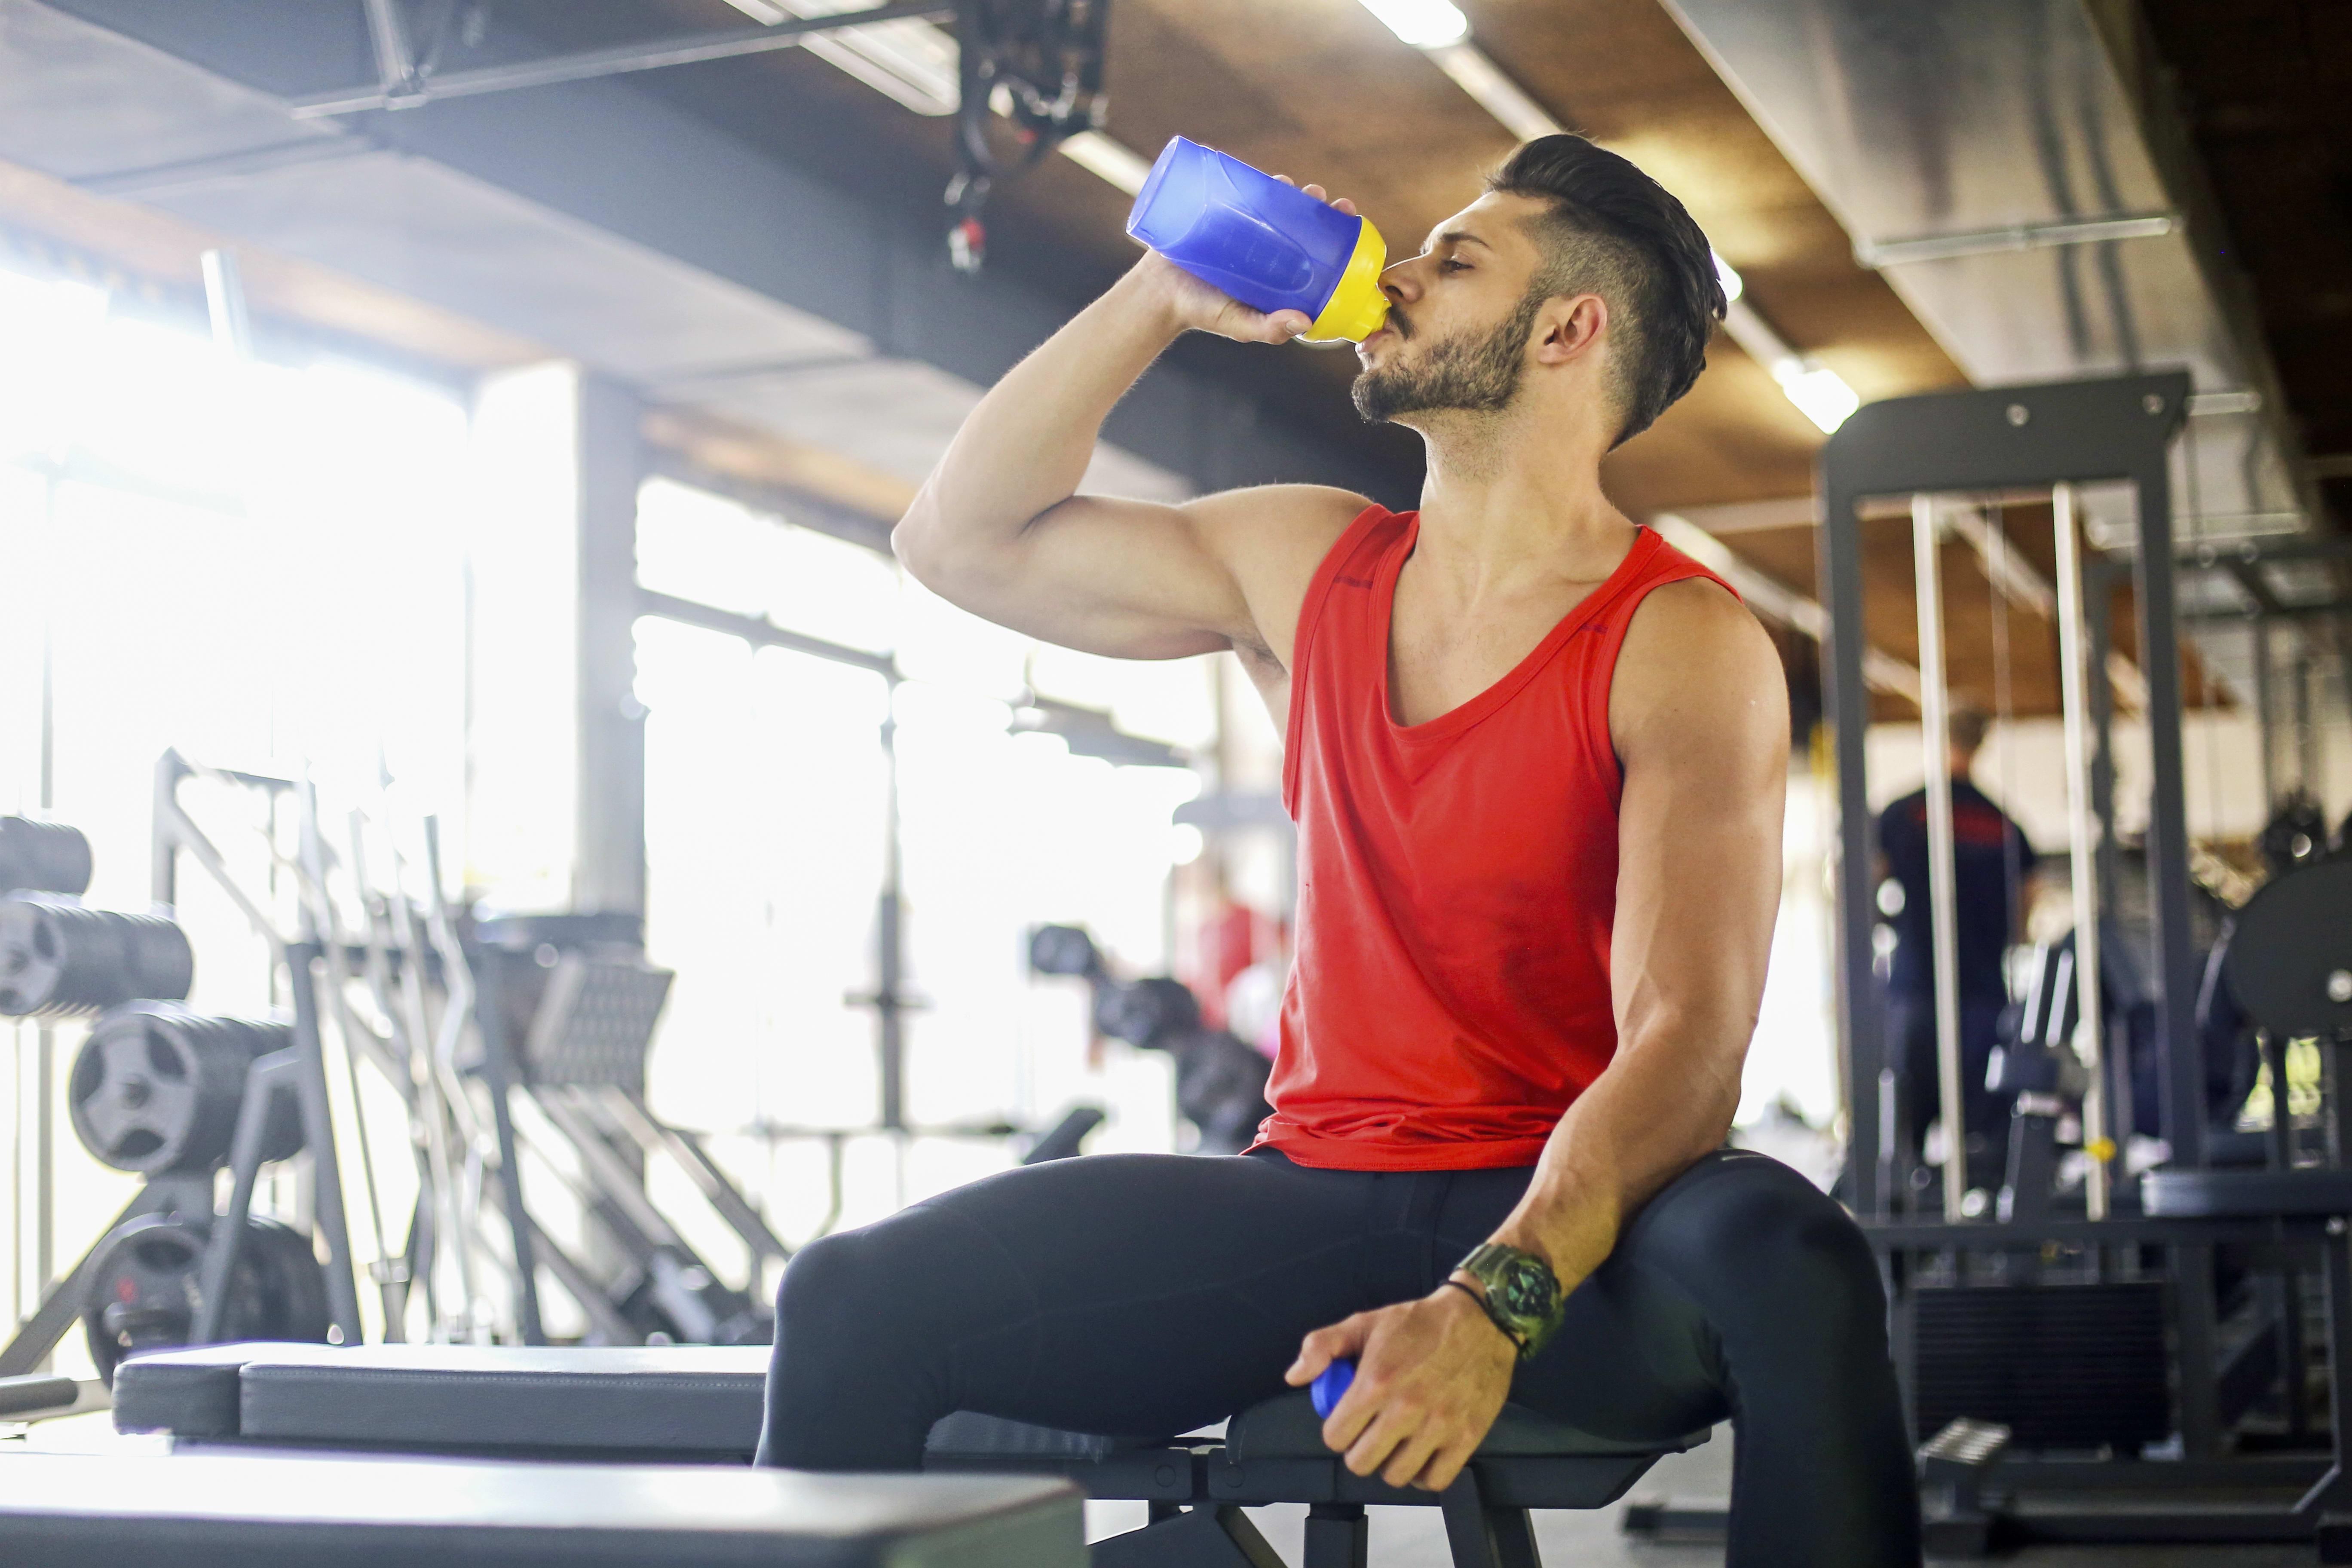 Större muskler och bättre träningsresultat av proteinpulver?